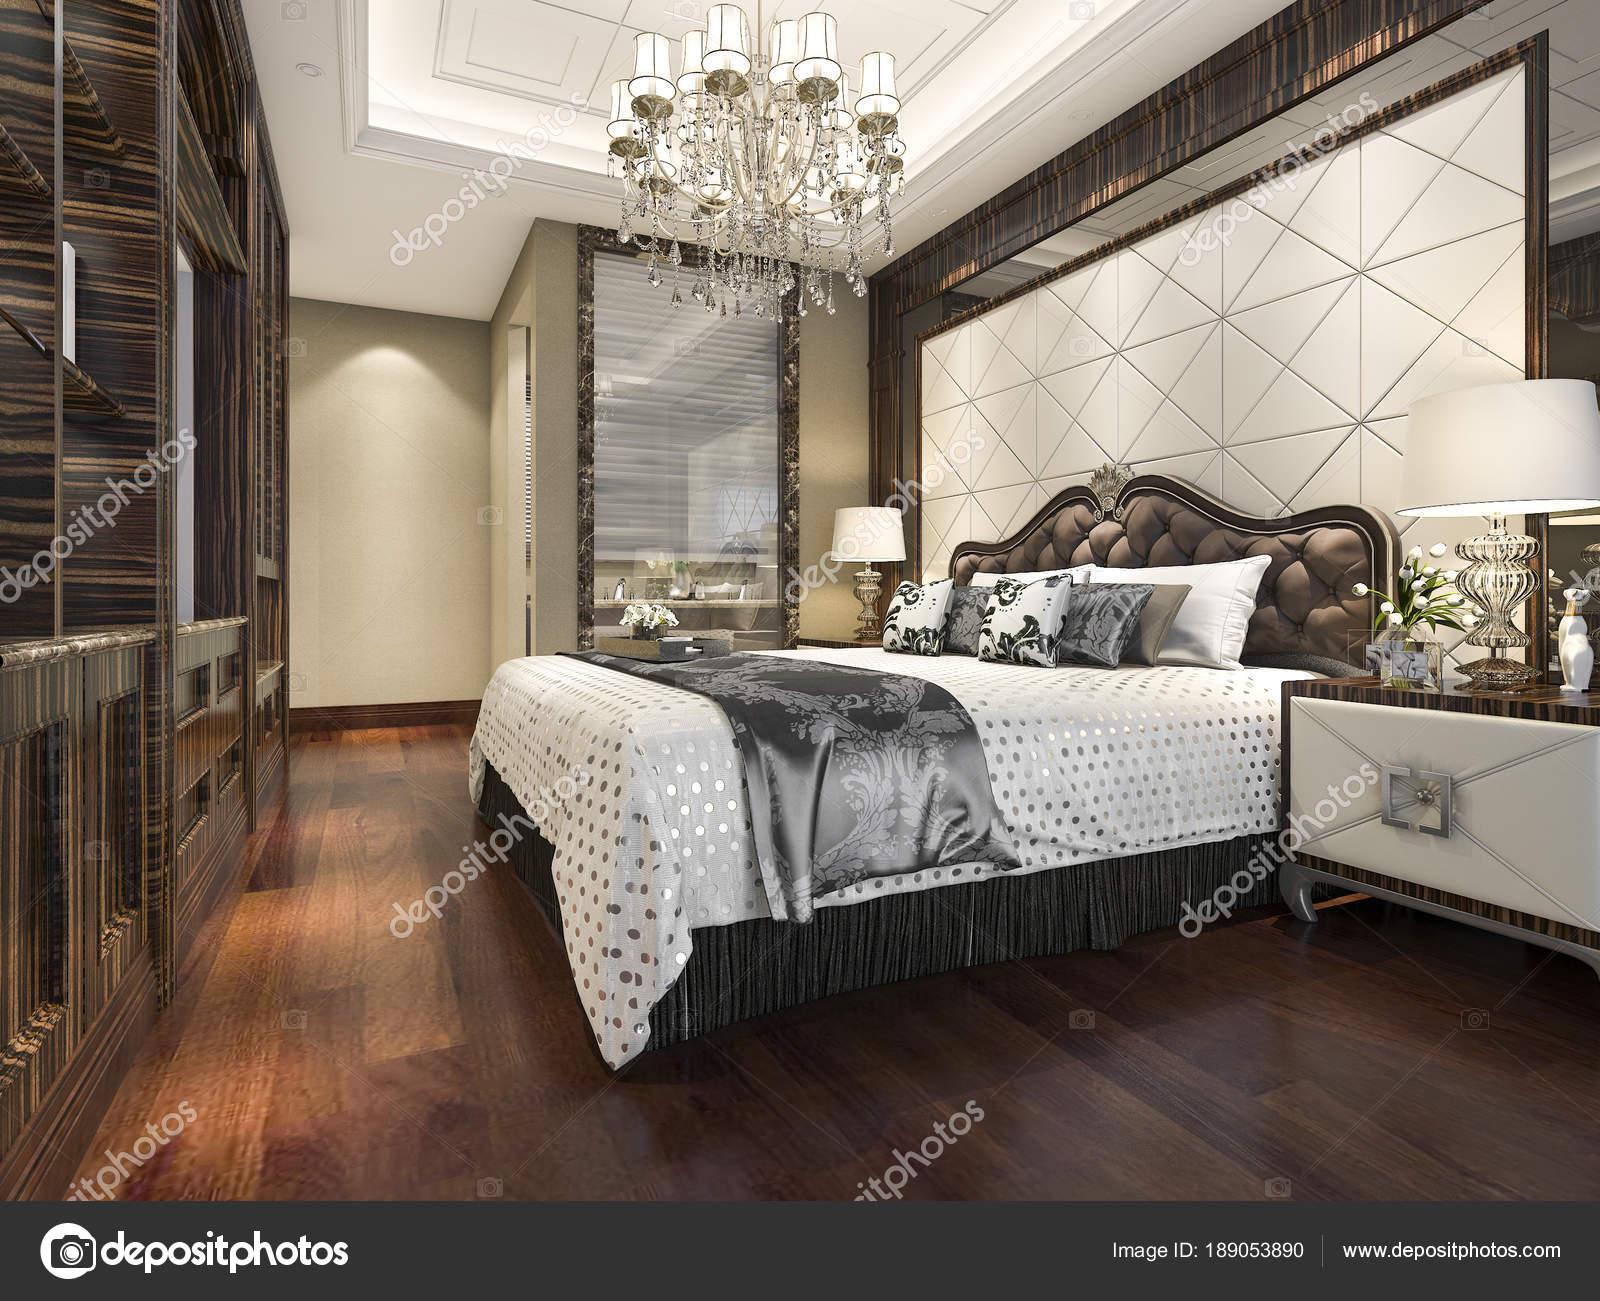 Slaapkamer En Suite : Rendering hout klassieke slaapkamer suite met boekenplank badkamer